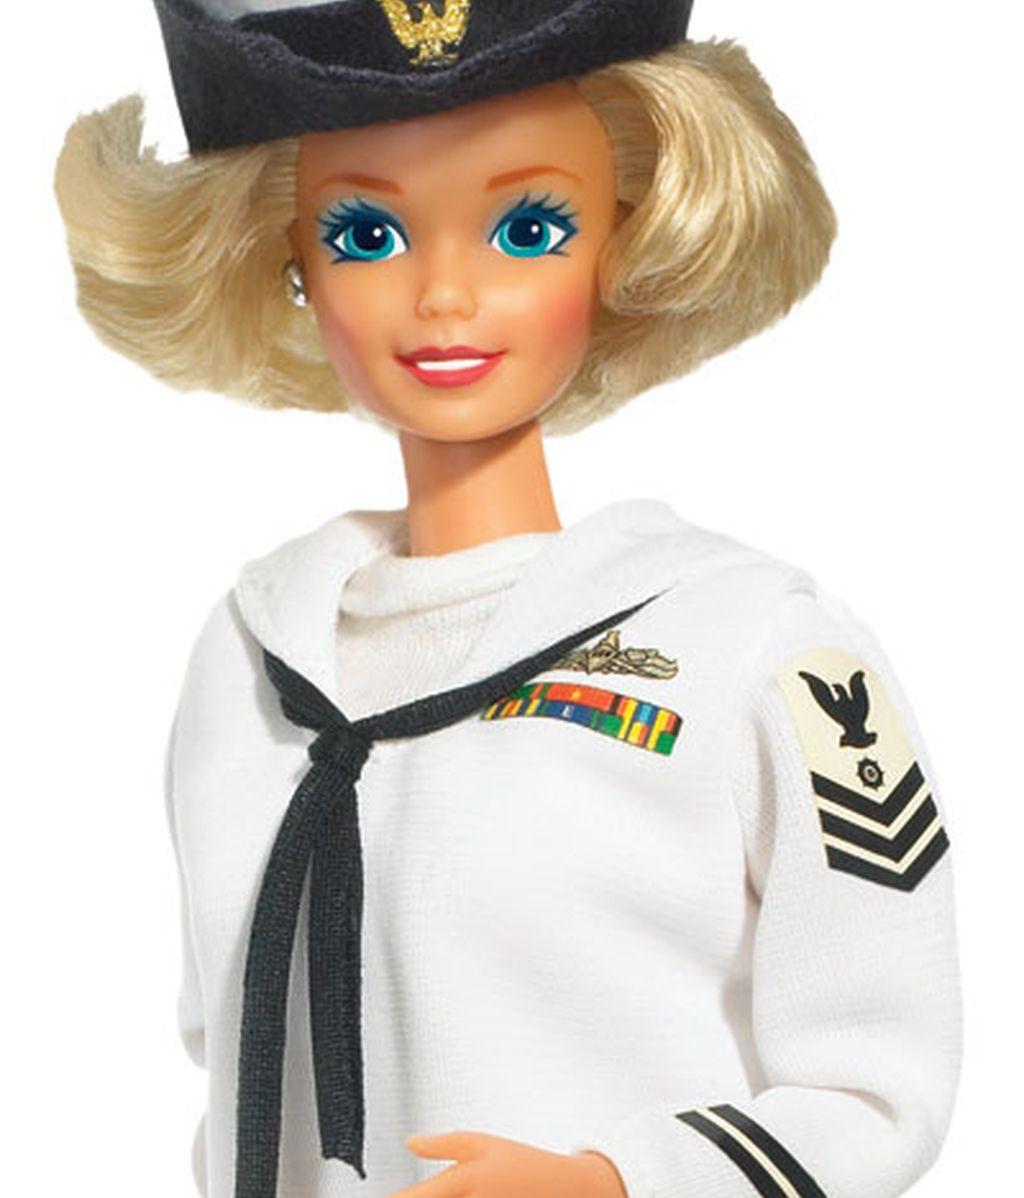 Barbie se licencia en periodismo